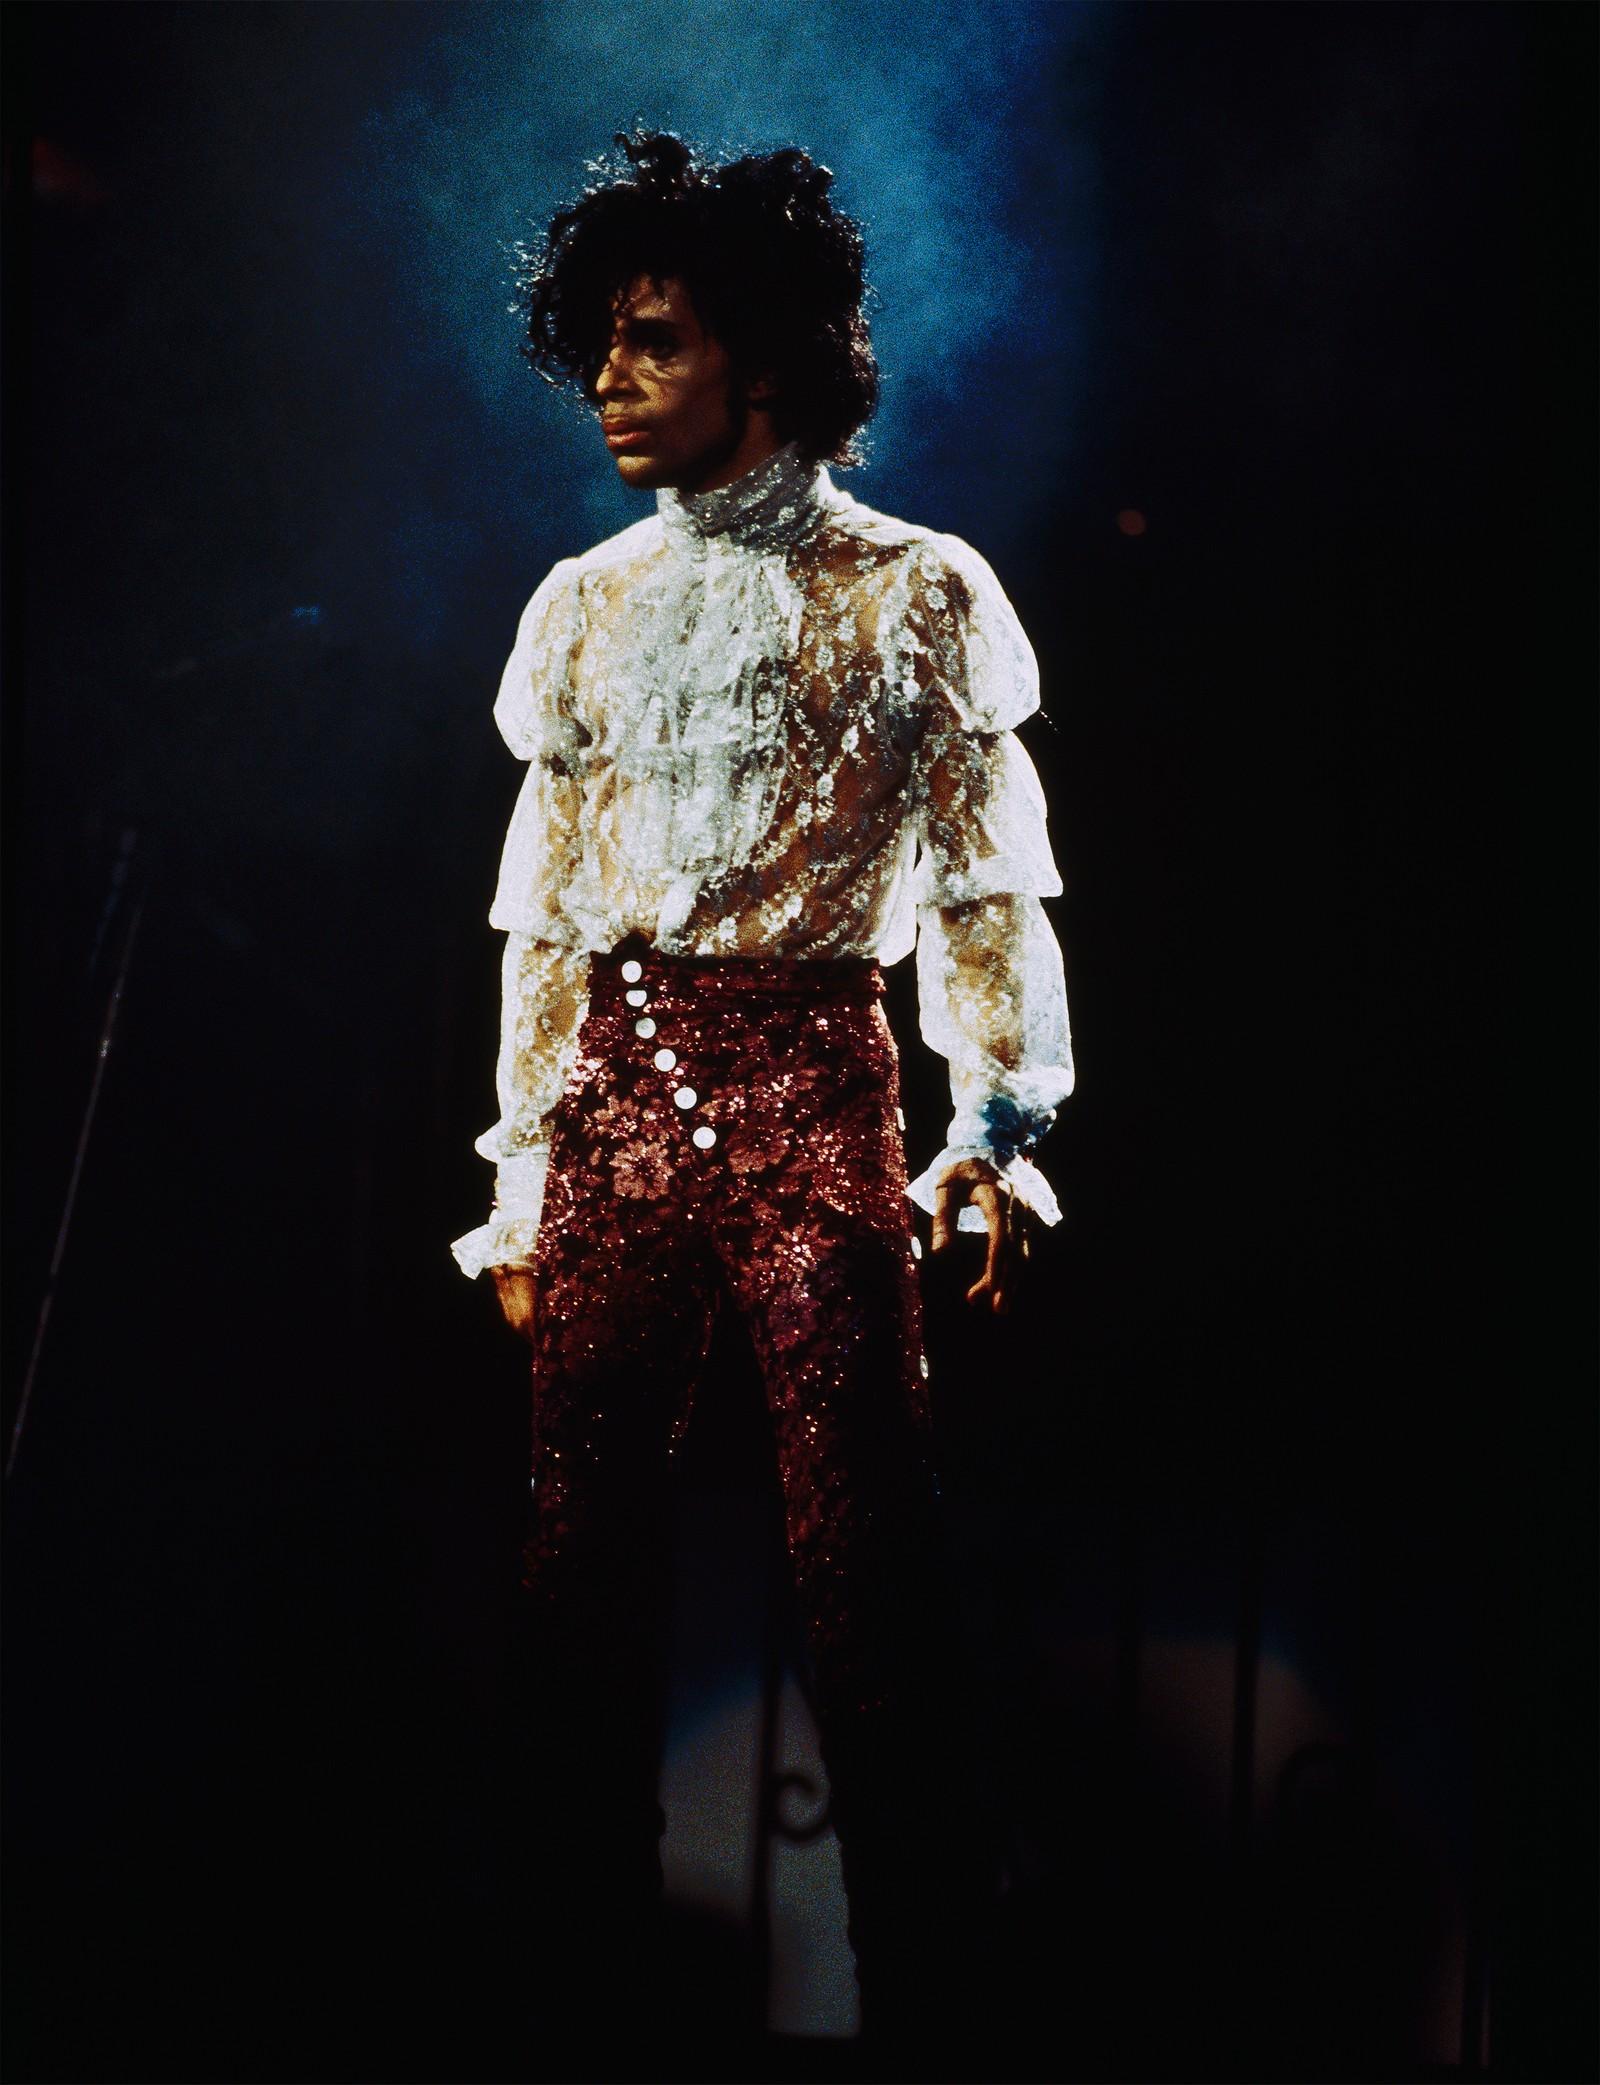 Nancy Bundt fotograferte Prince i 4,5 måneder i løpet av turneen i 1984/85.  - Som oftest brukte jeg Fiju Velvia film med 300 mm linse. Det gjorde at jeg kunne komme veldig nært innpå, forteller hun.